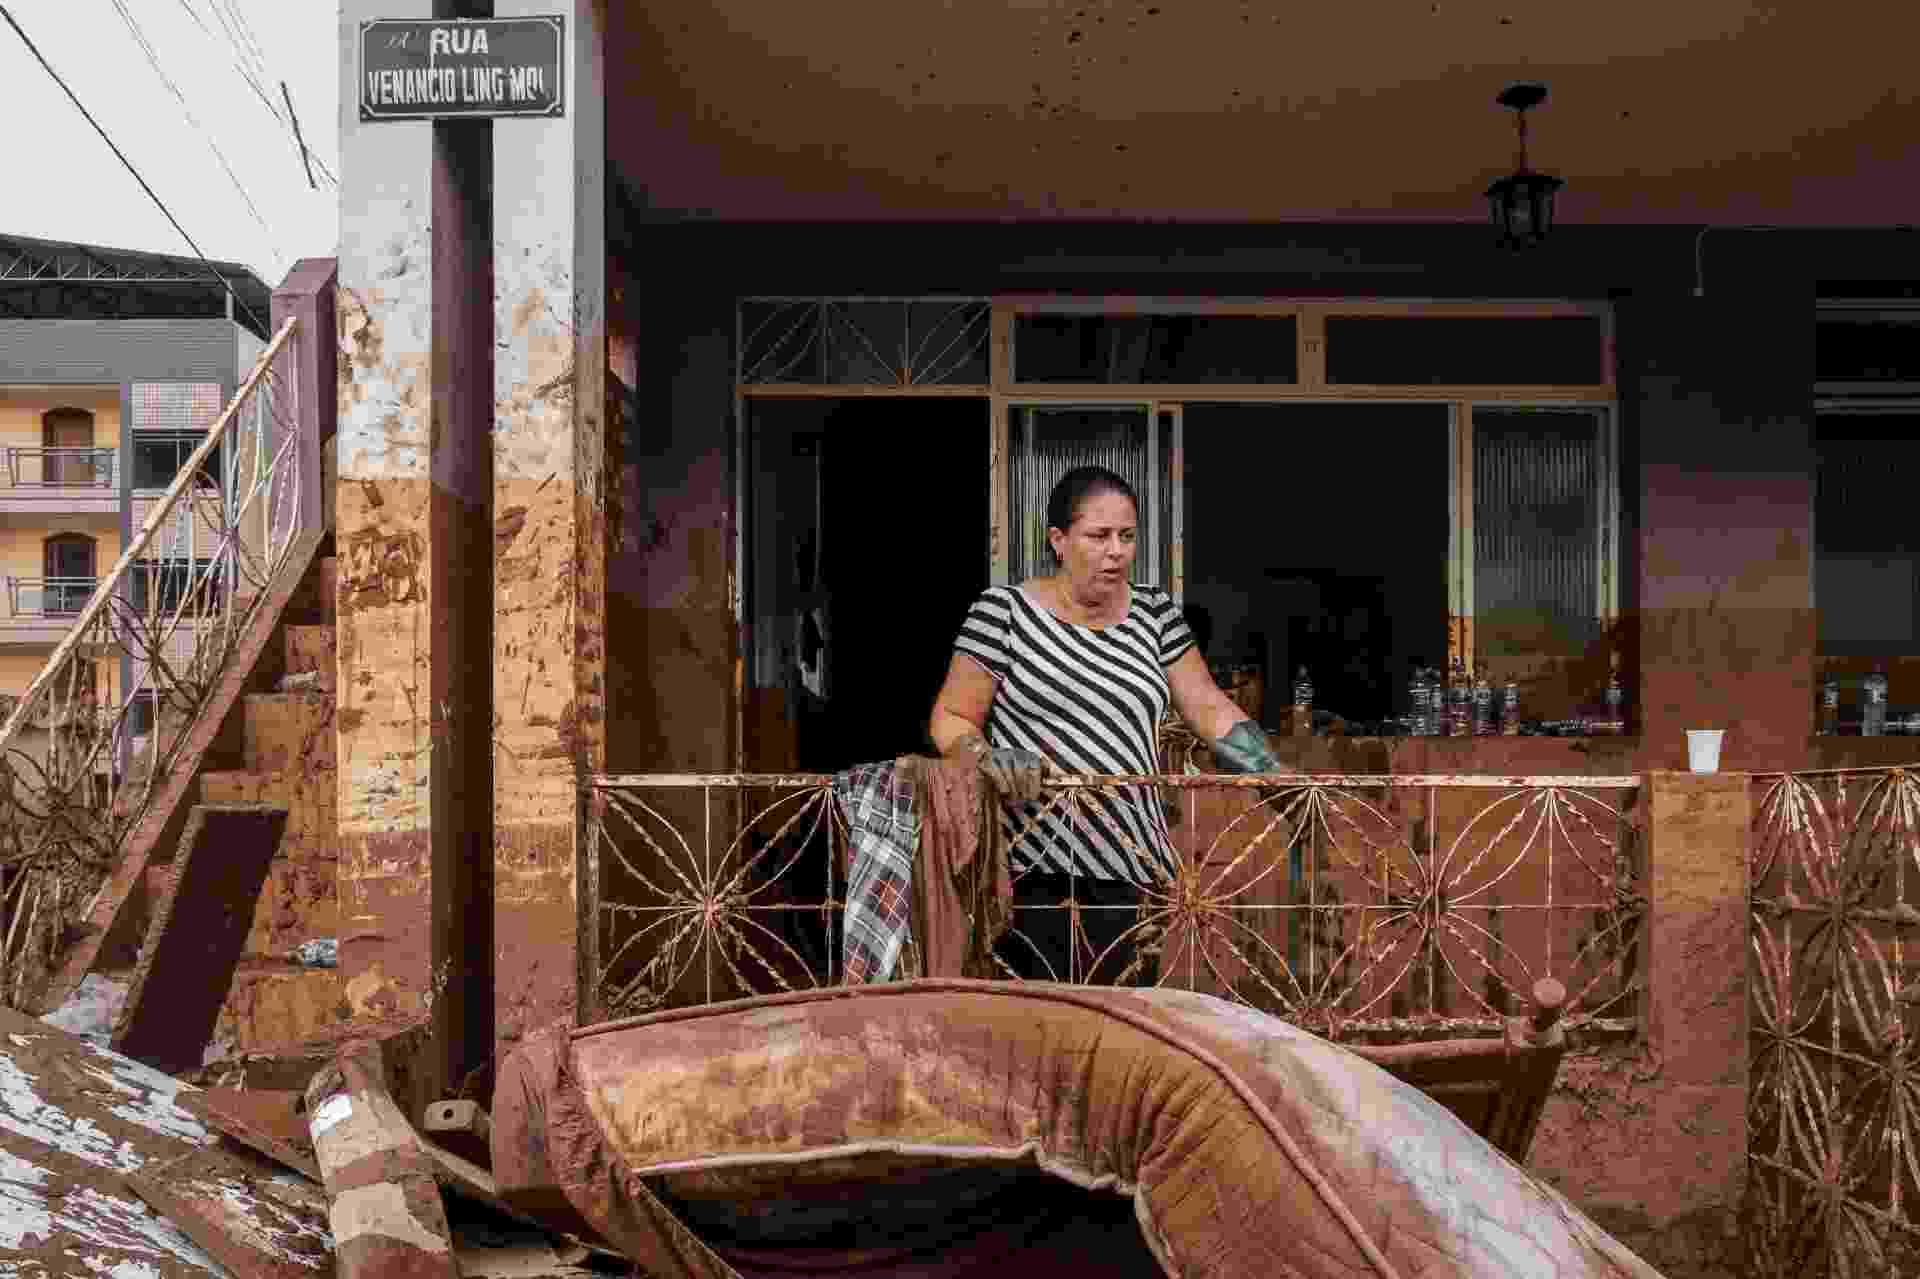 """Livro """"15:30"""", de Isis Medeiros, documenta tragédia através de fotografias que vão desde o dia seguinte ao rompimento da barragem em Mariana (MG) - Isis Medeiros"""